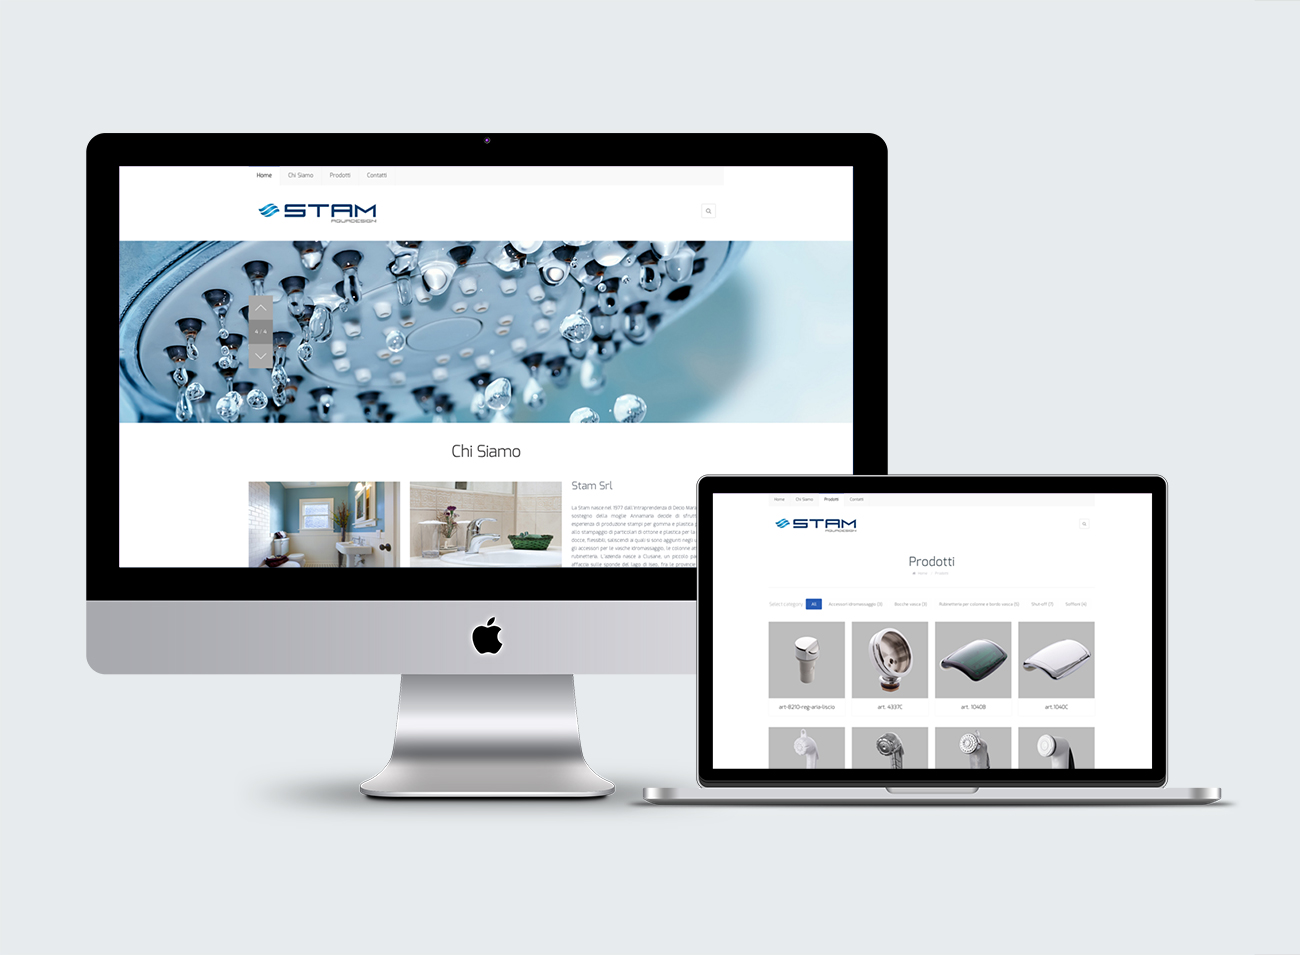 Rubinetterie e Accessori Brescia - Stam srl - Logo e Immagine coordinata - Sito Internet